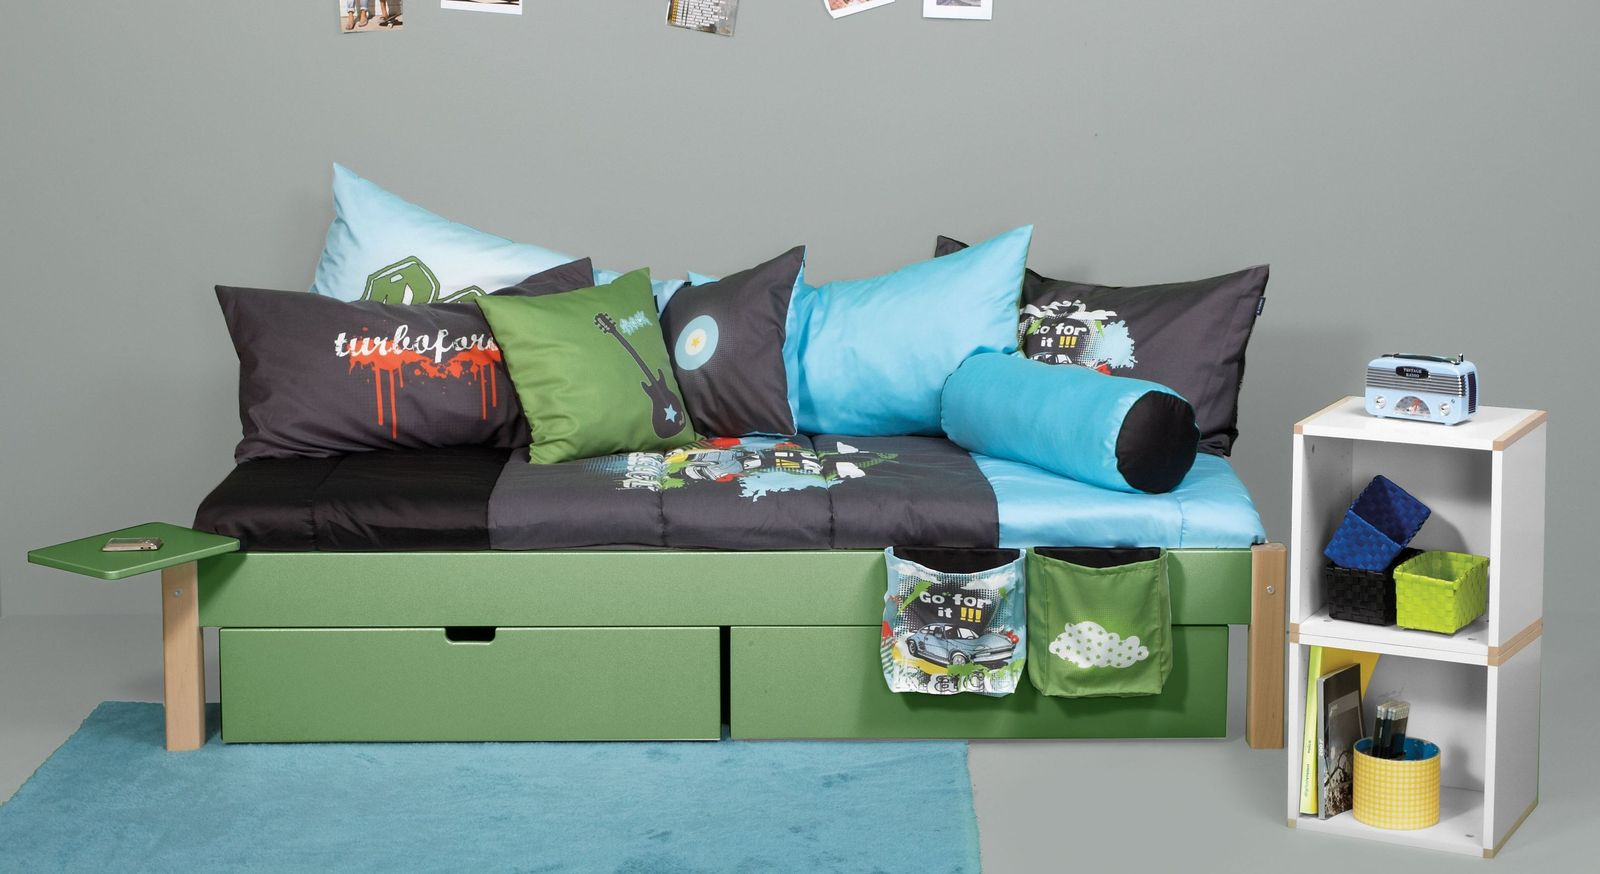 Passende Produkte zum Schubkastenbett Kids Town Color